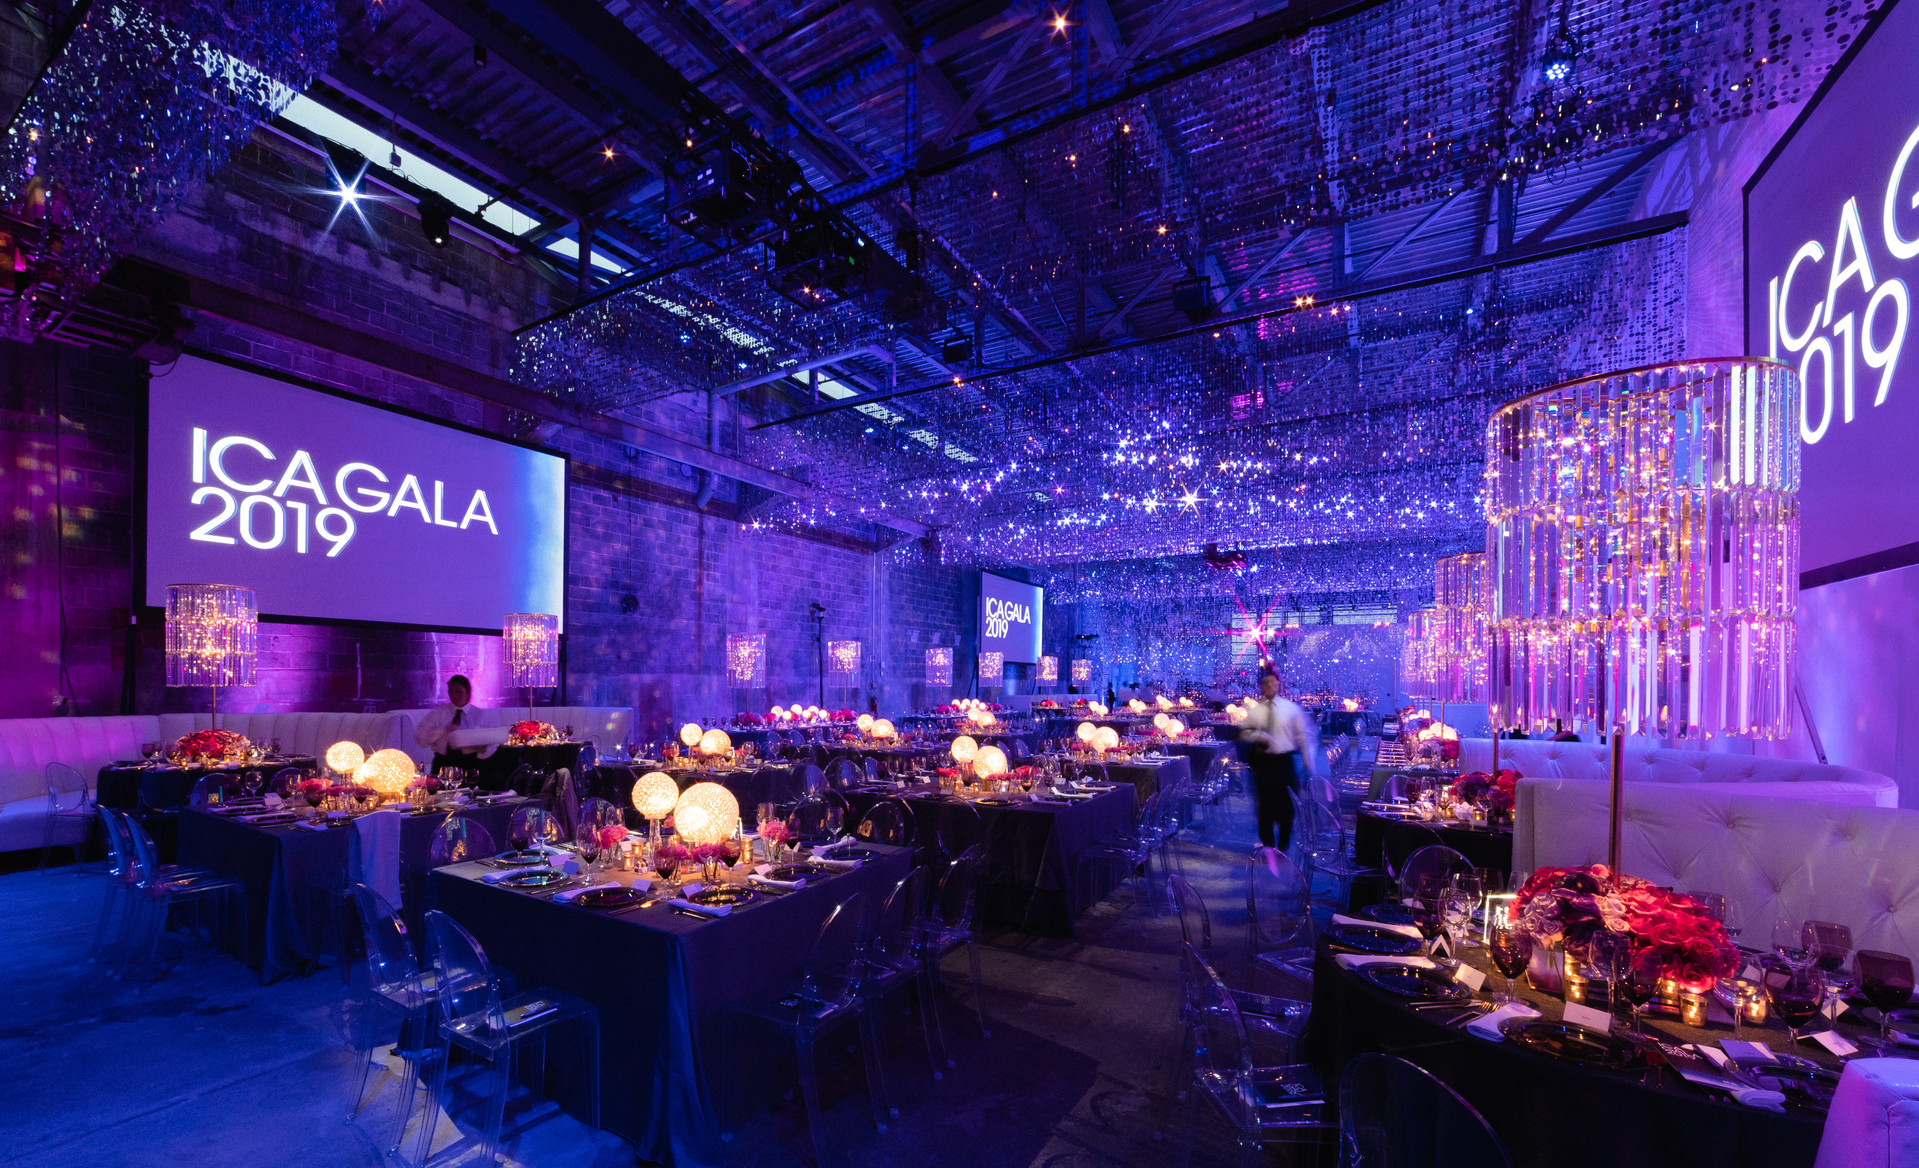 ICA Gala